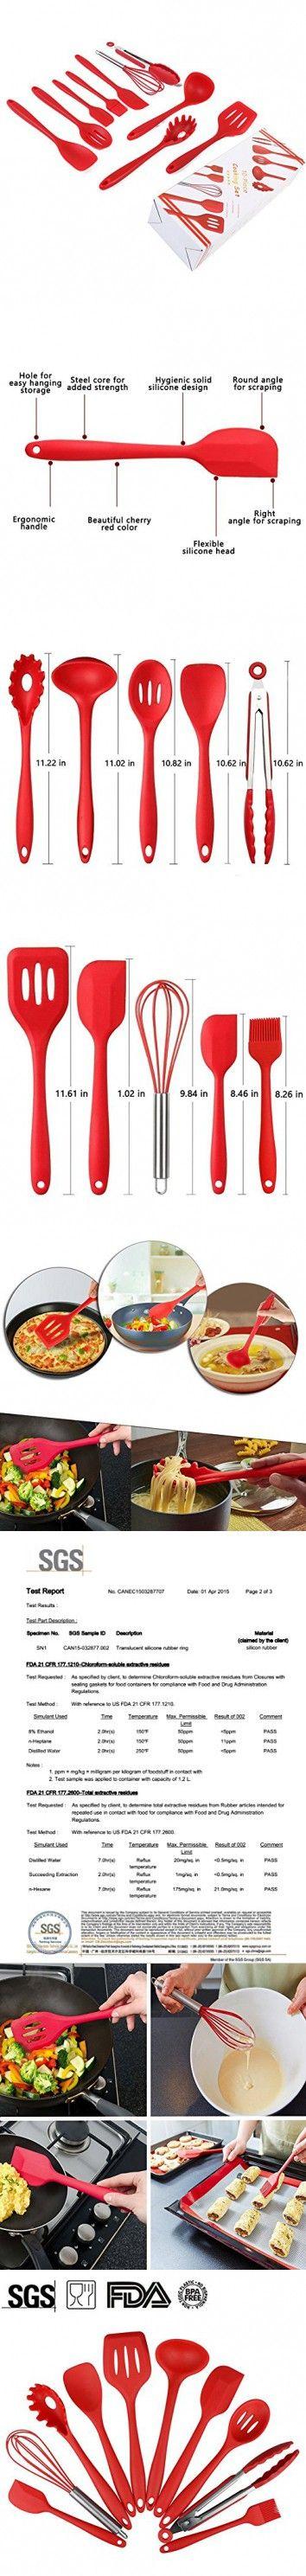 Silicone Utensils, Heat Resistant Silicone Kitchen Utensils Set of 10 Pieces, Non Stick - Non Scratch Cooking Utensils Kitchen Good Helper